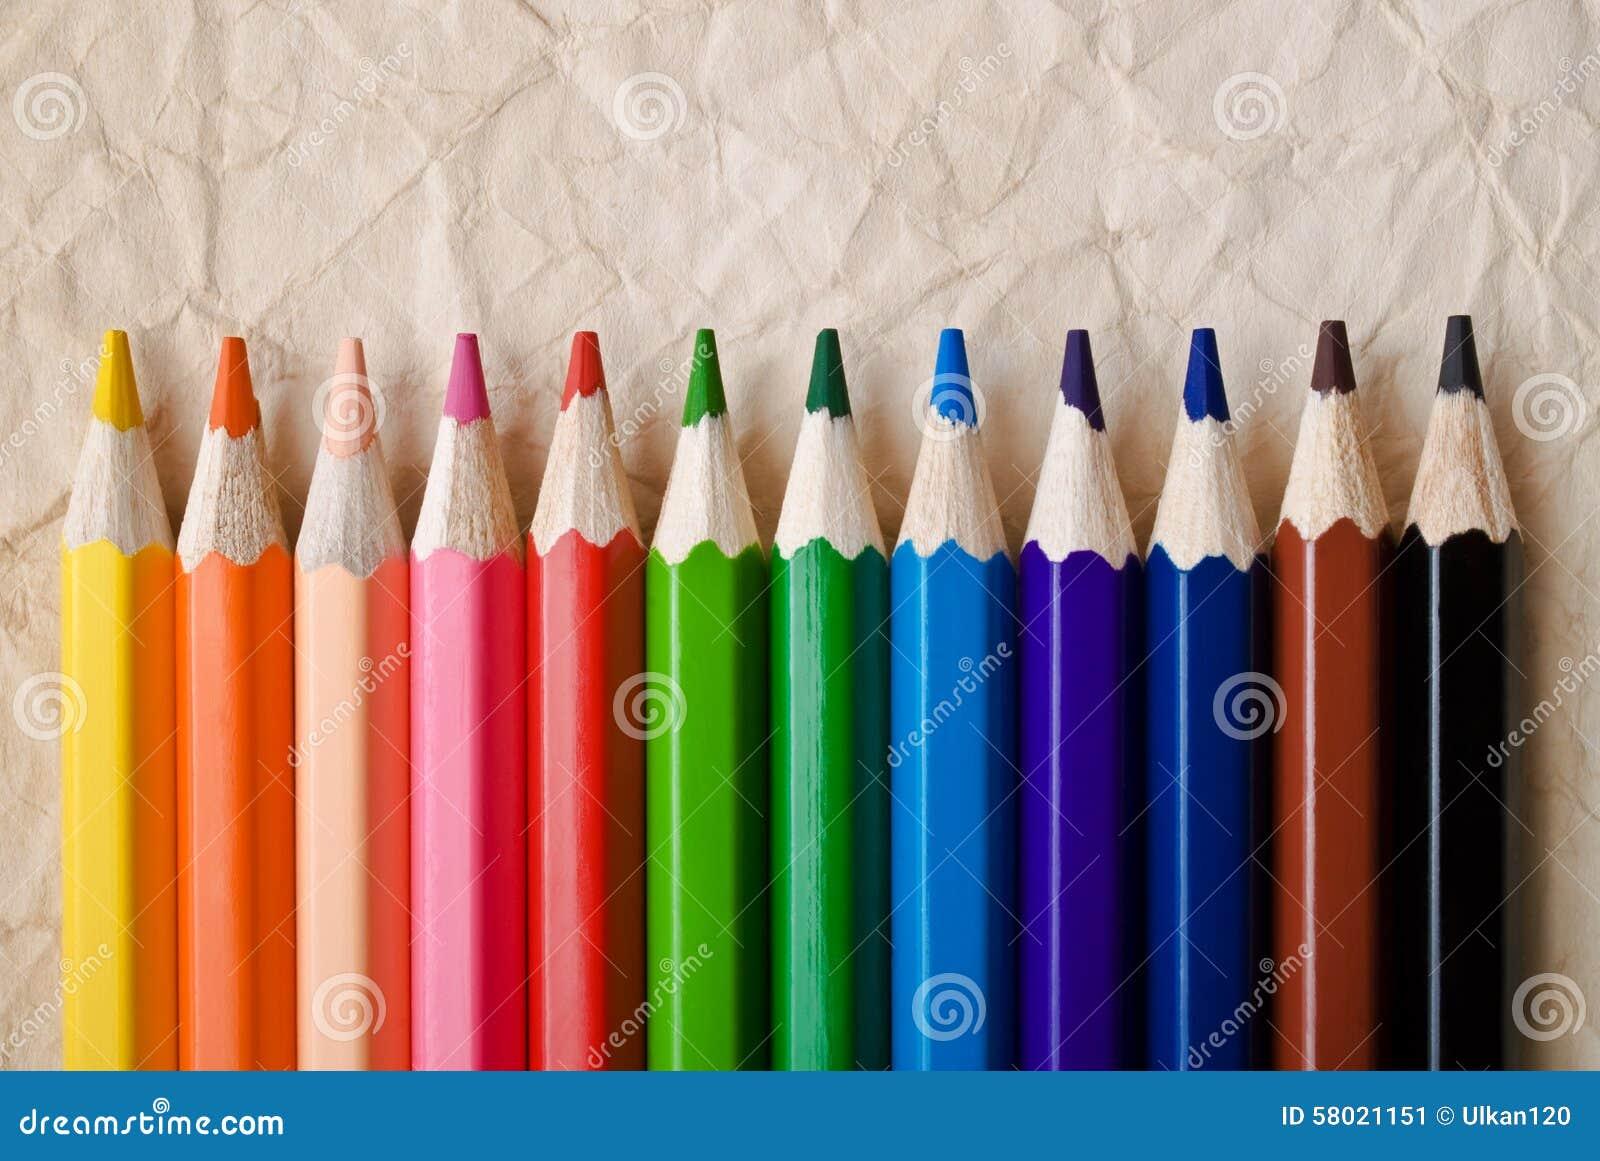 Lápiz del color en blanco